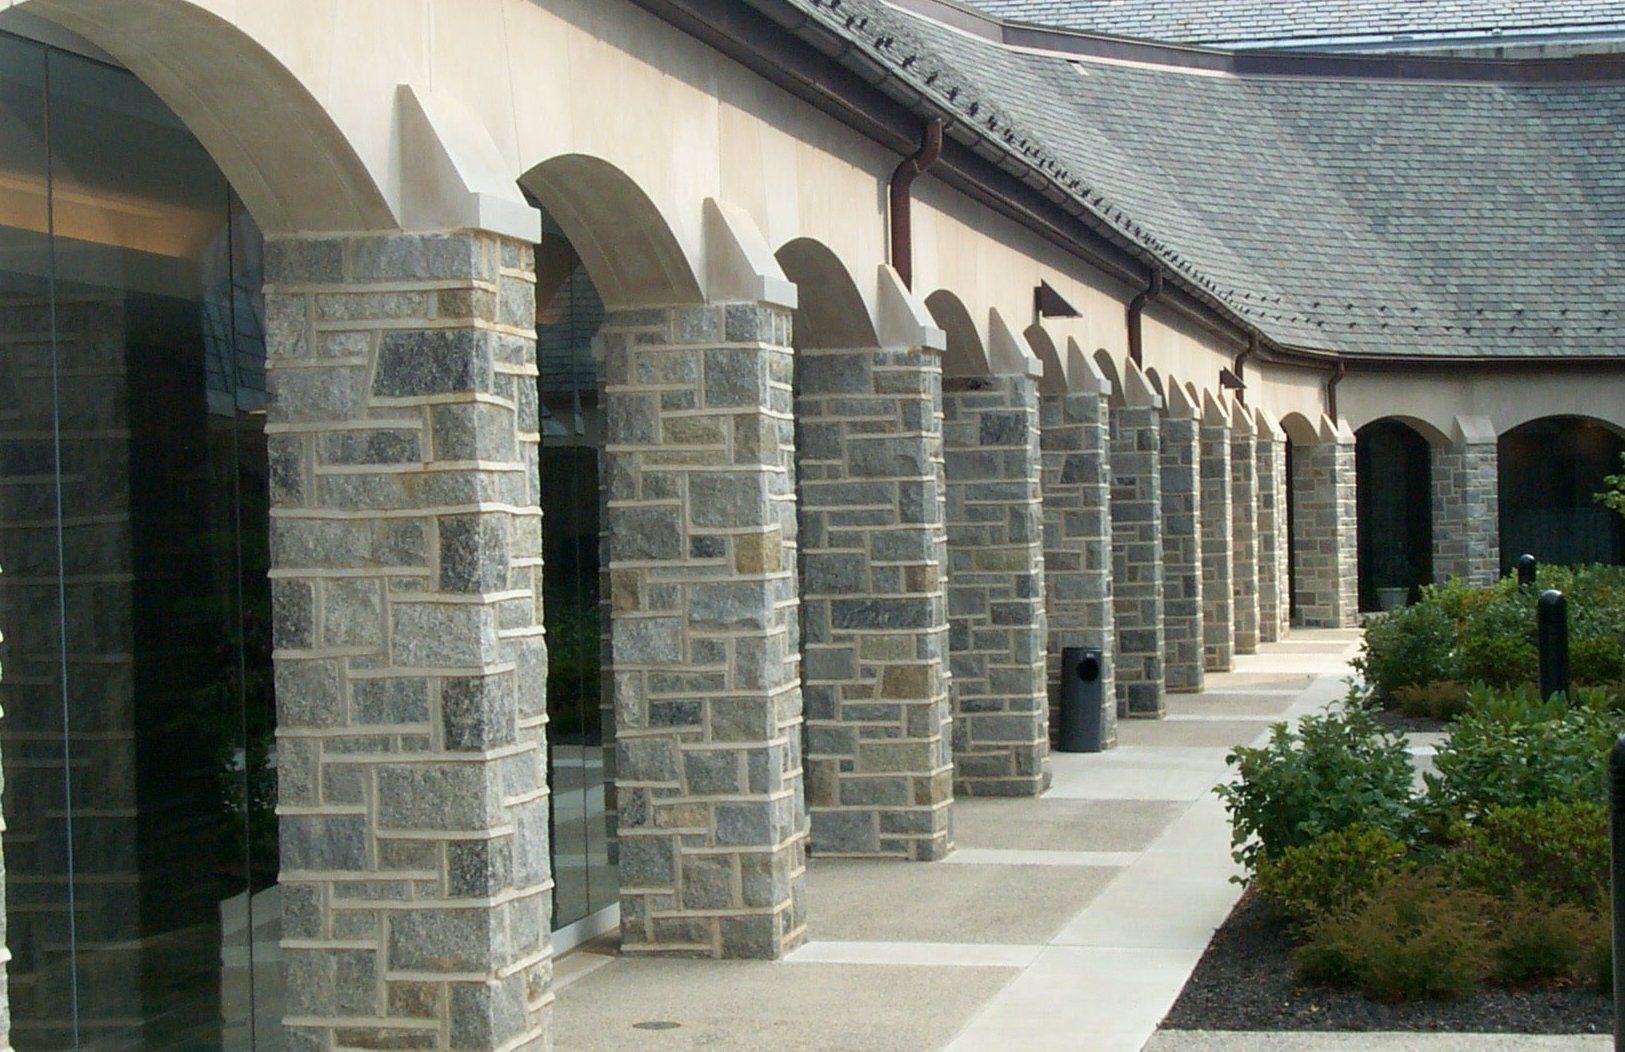 Granit Taşının Oluşumu Hakkında Bilgiler